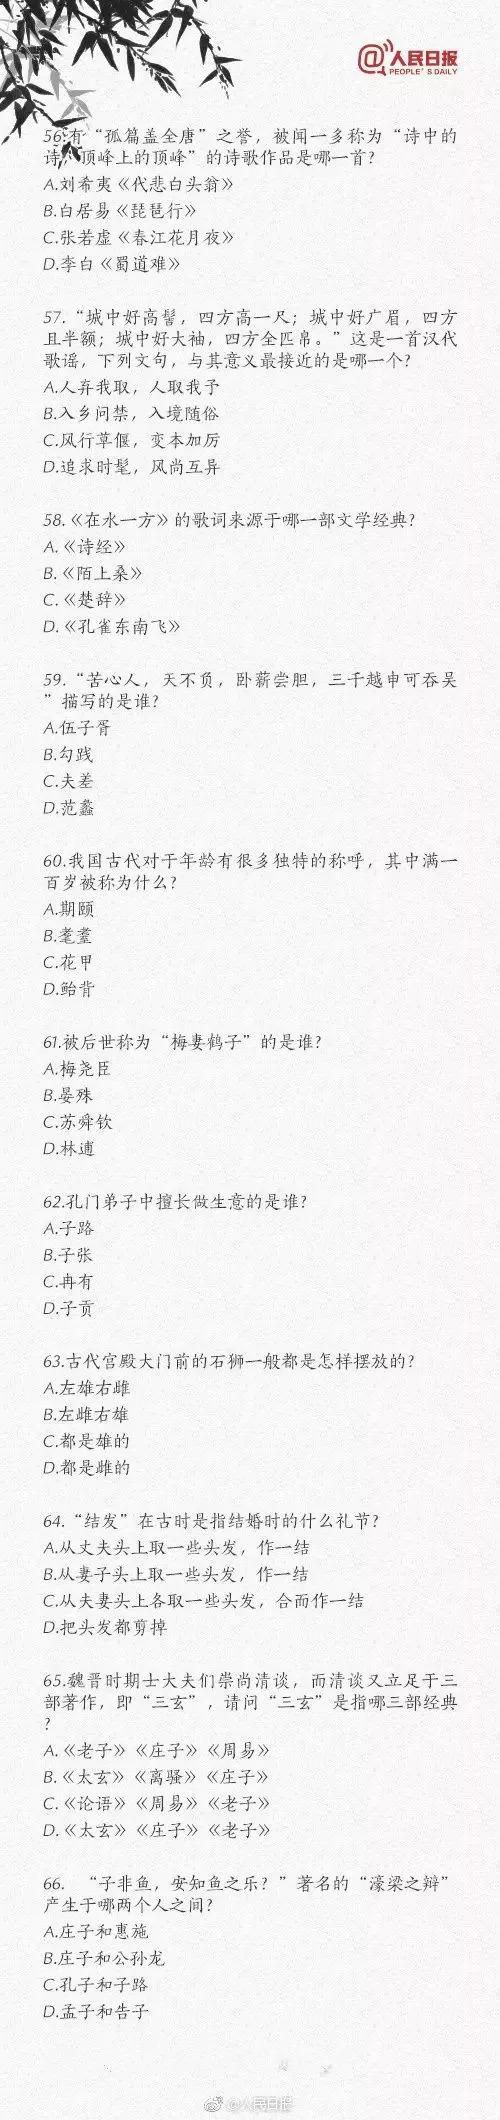 六合开奖结果直播 6